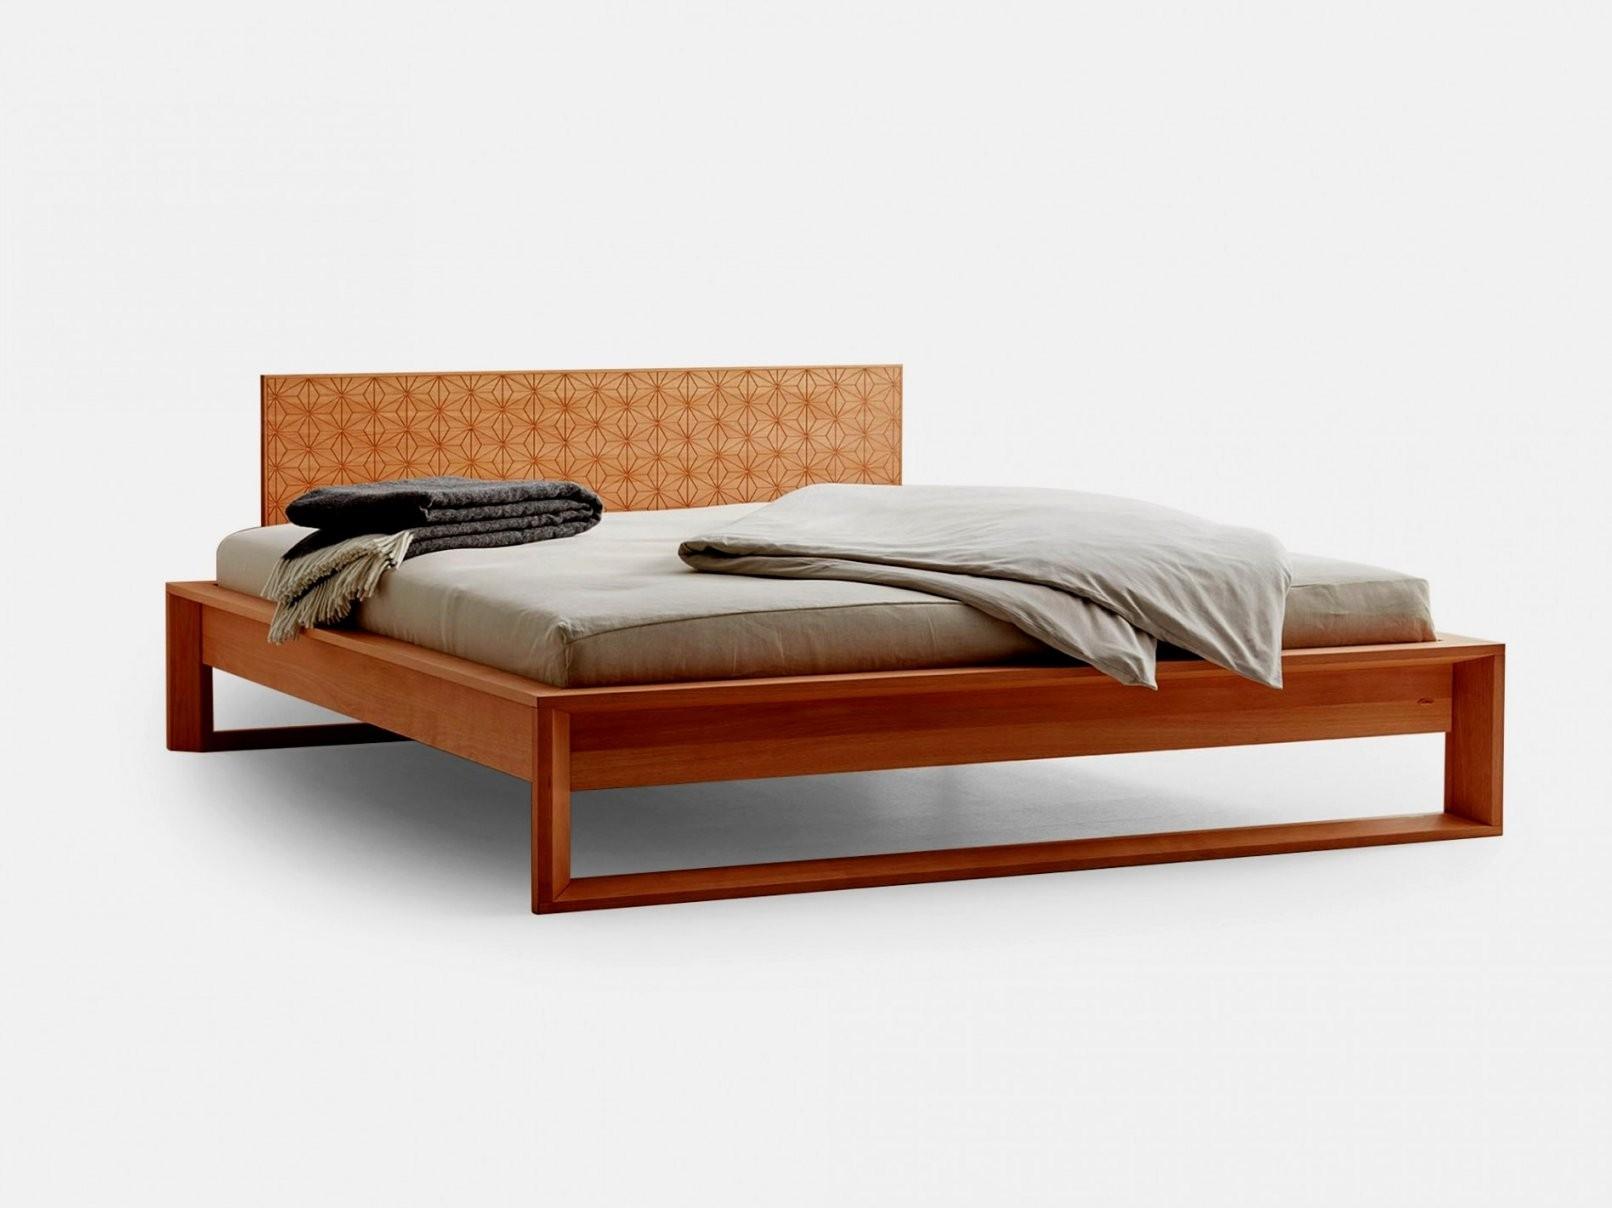 Ausgezeichnet Kolonial Bett Cool Wohnkultur Betten Ohne Metall Weis von Kolonial Bett 160X200 Bild